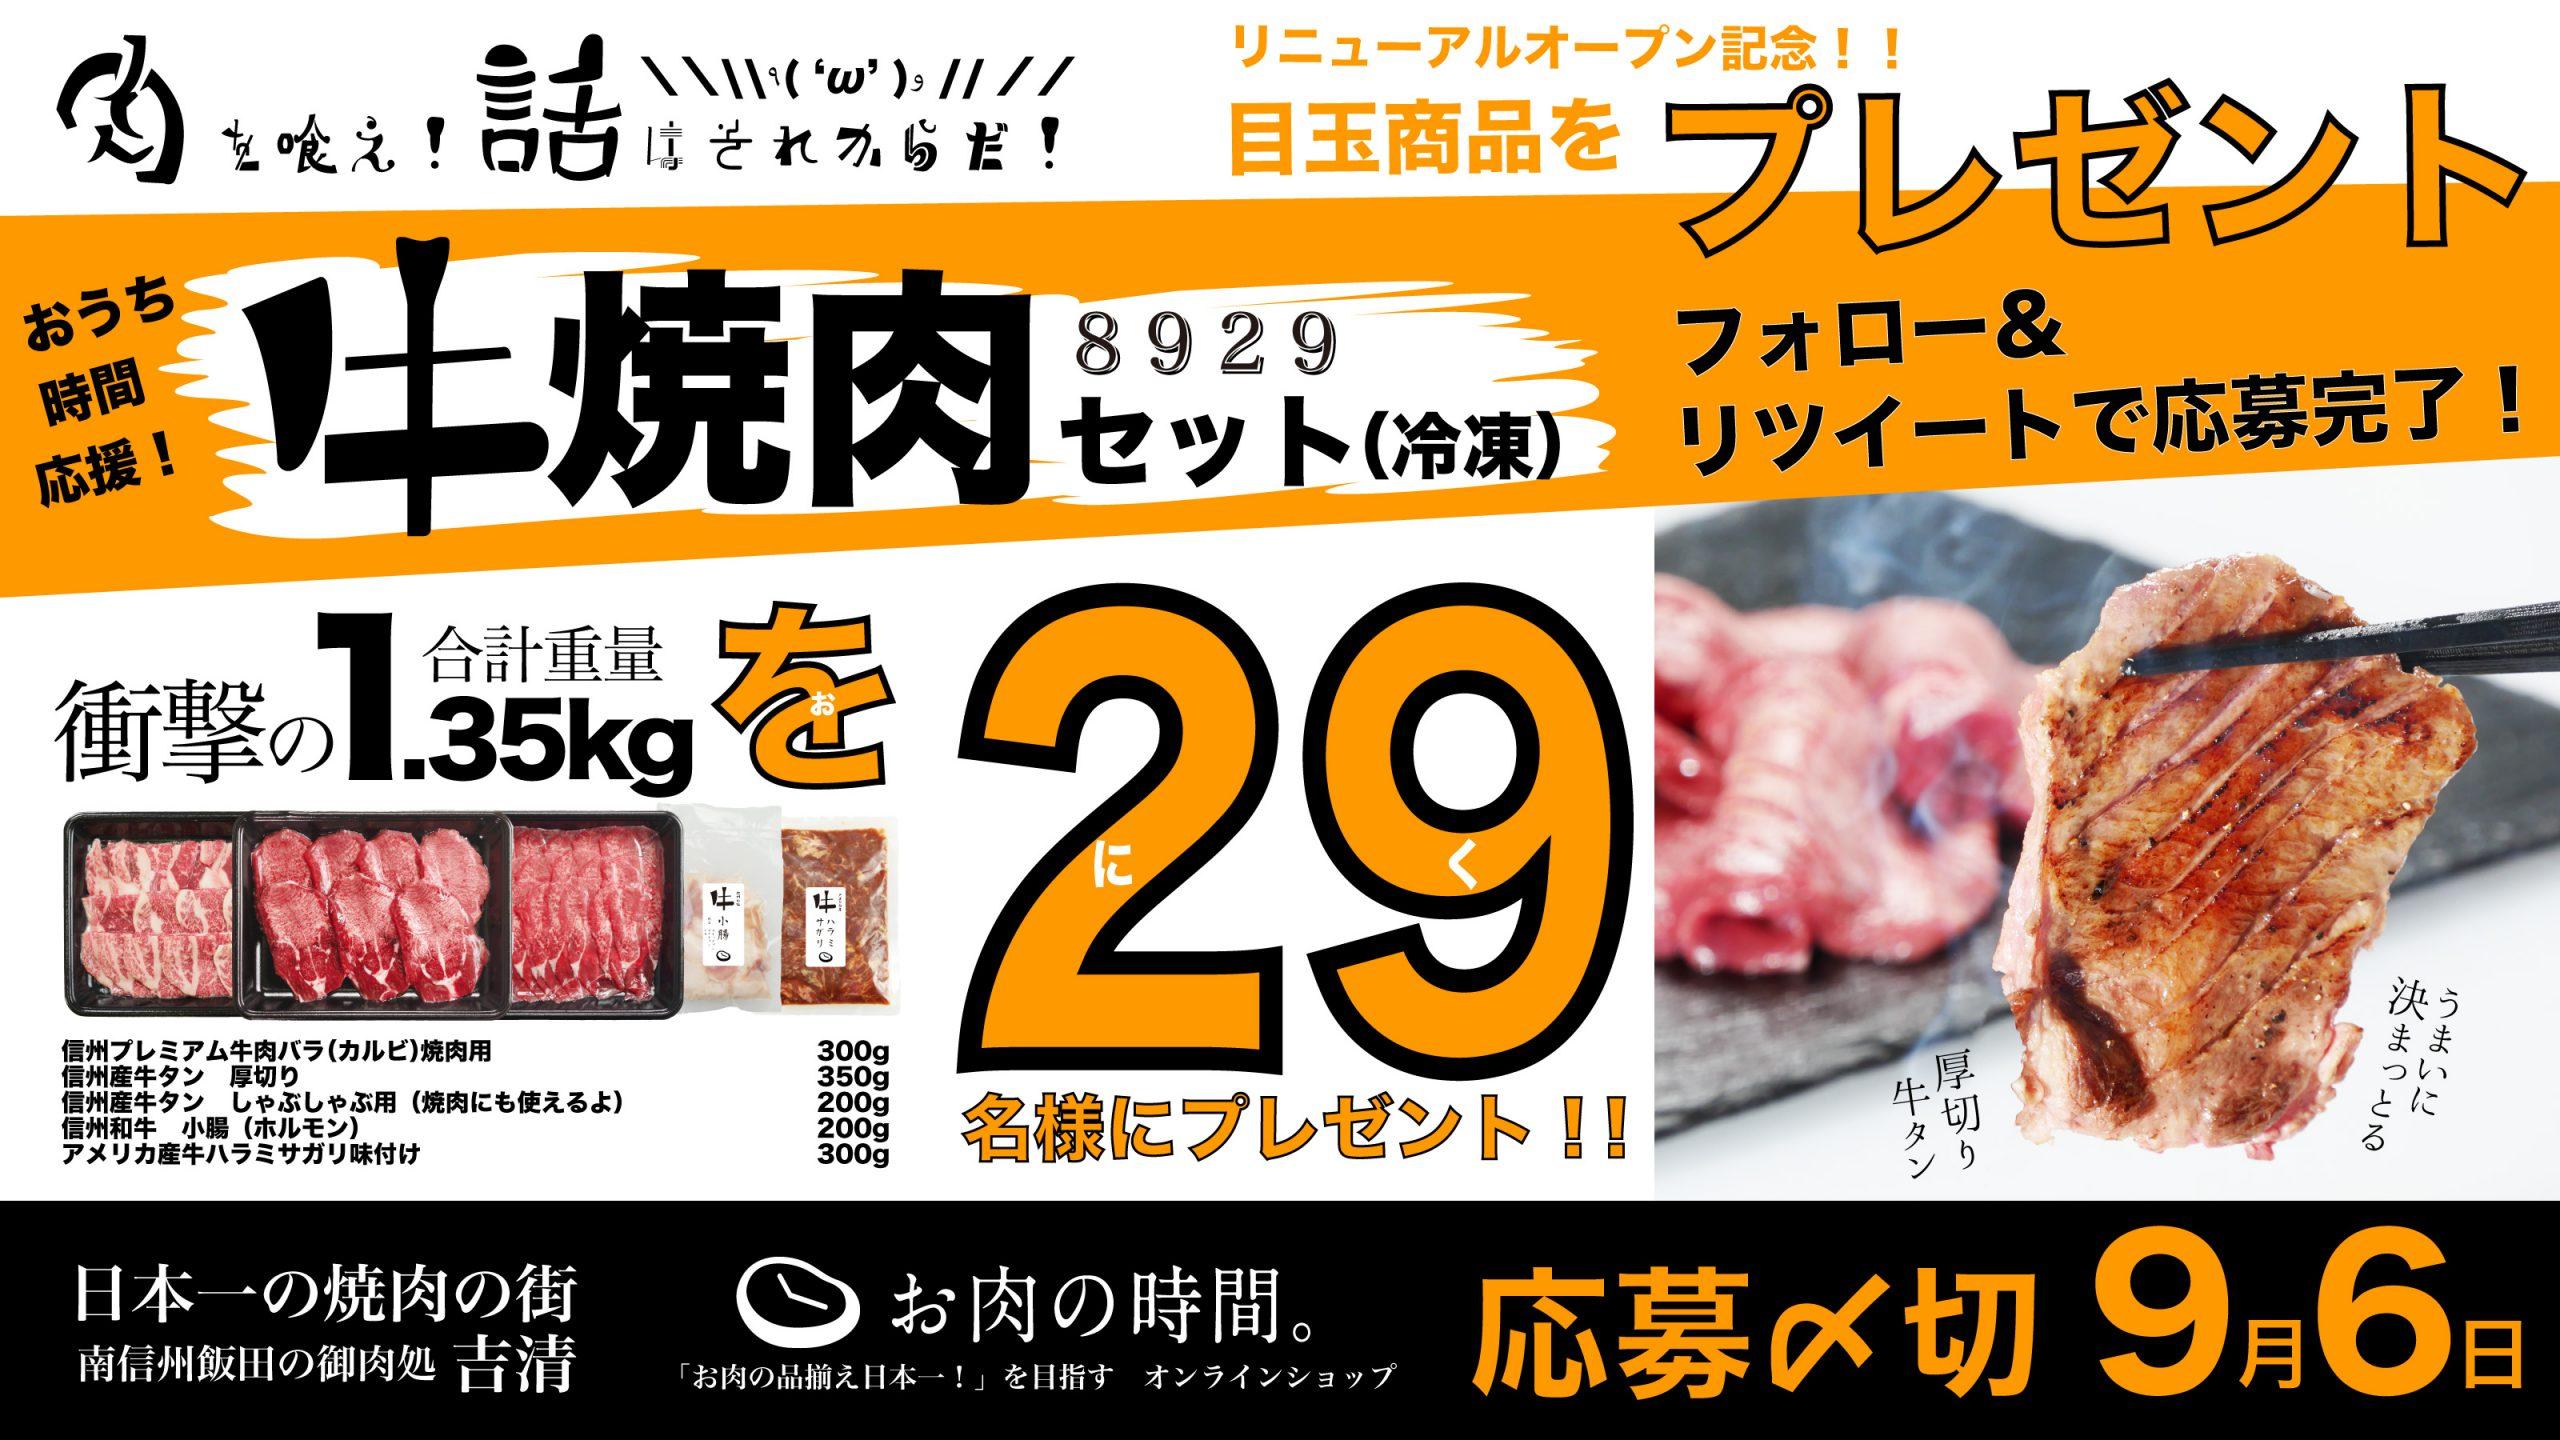 8/29焼肉の日!サイトリニューアルTwitterキャンペーン!